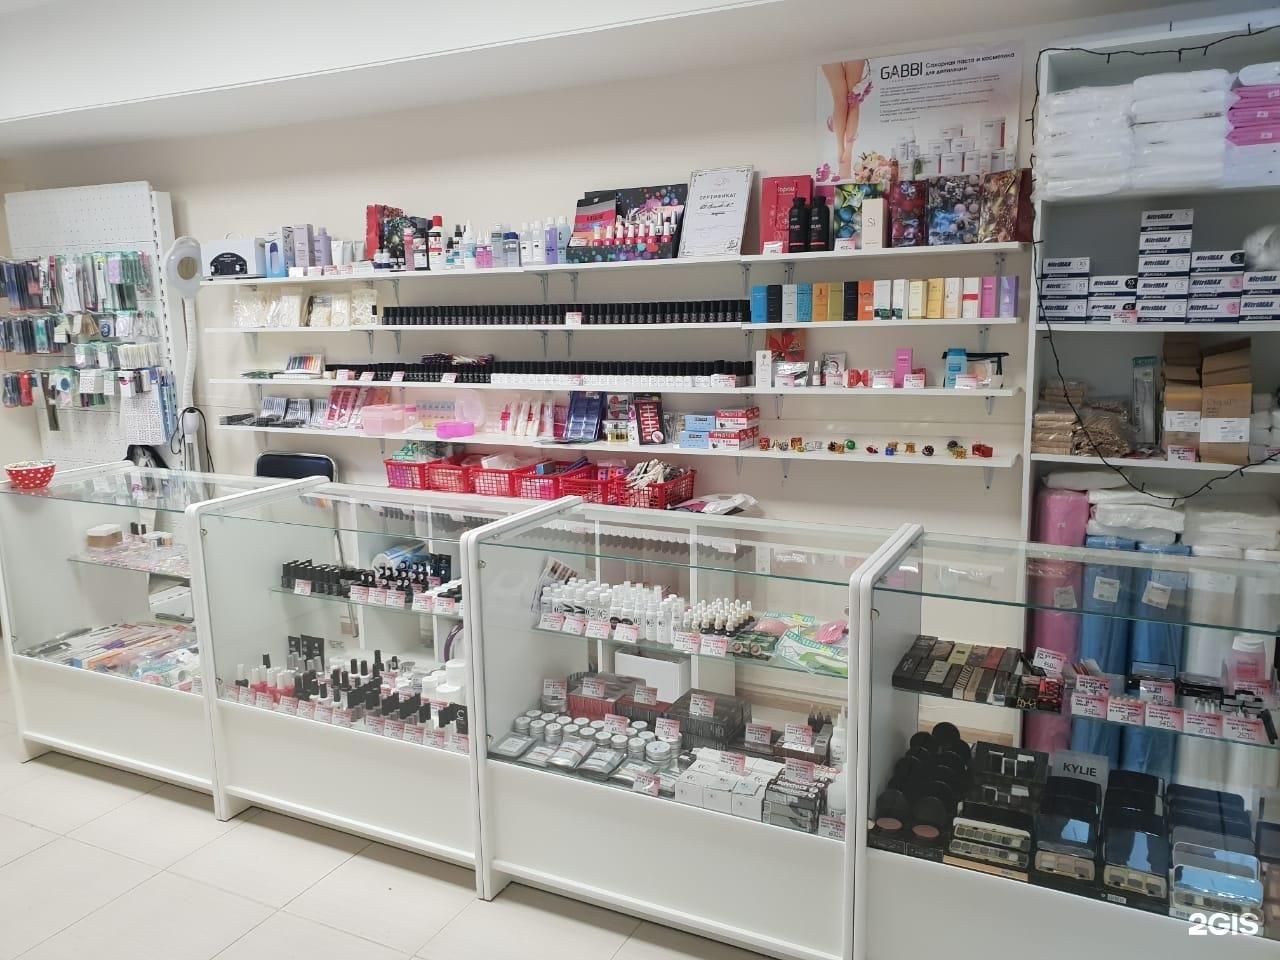 Профессиональная косметика в краснодаре купить эвона официальный сайт каталог 2021 интернет магазин